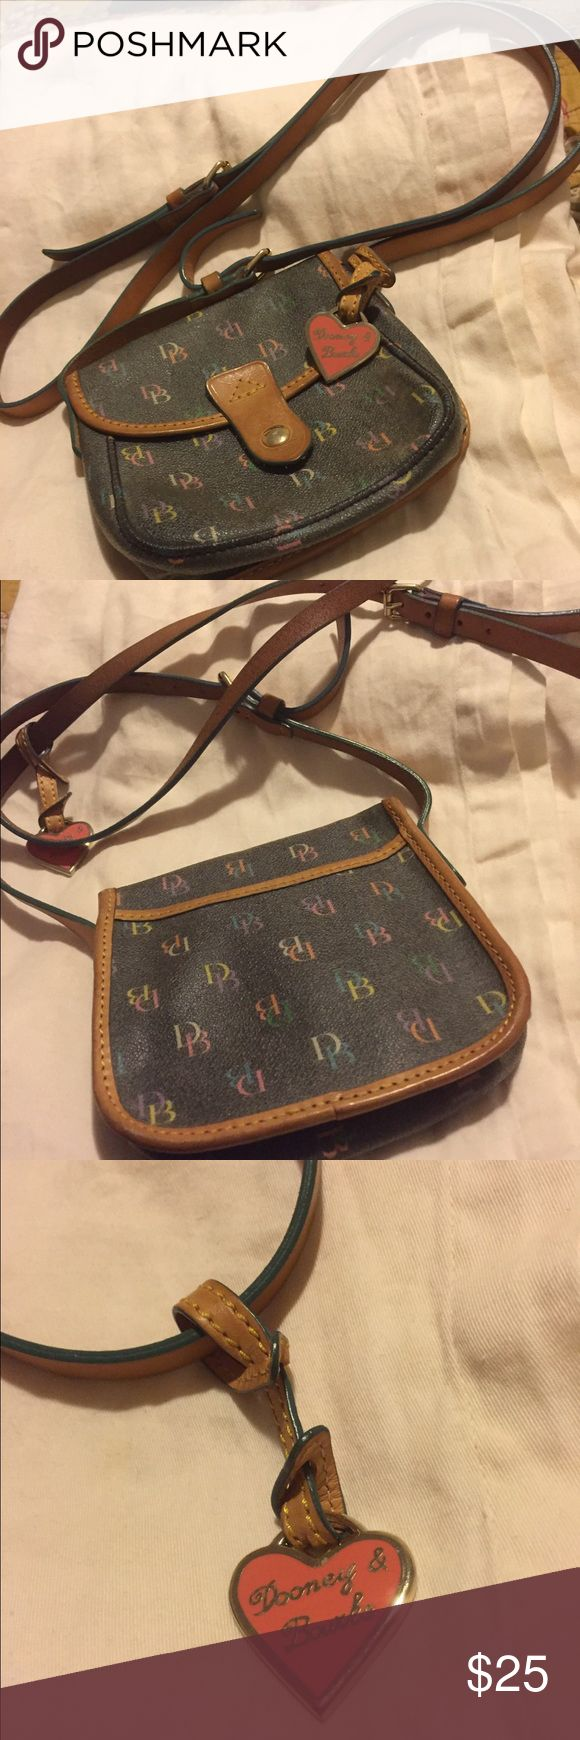 Dooney & Bourke mini shoulder bag. Dooney & Bourke mini shoulder bag. Snap closure. Outside pocket on the back side of bag. Dooney & Bourke Bags Mini Bags